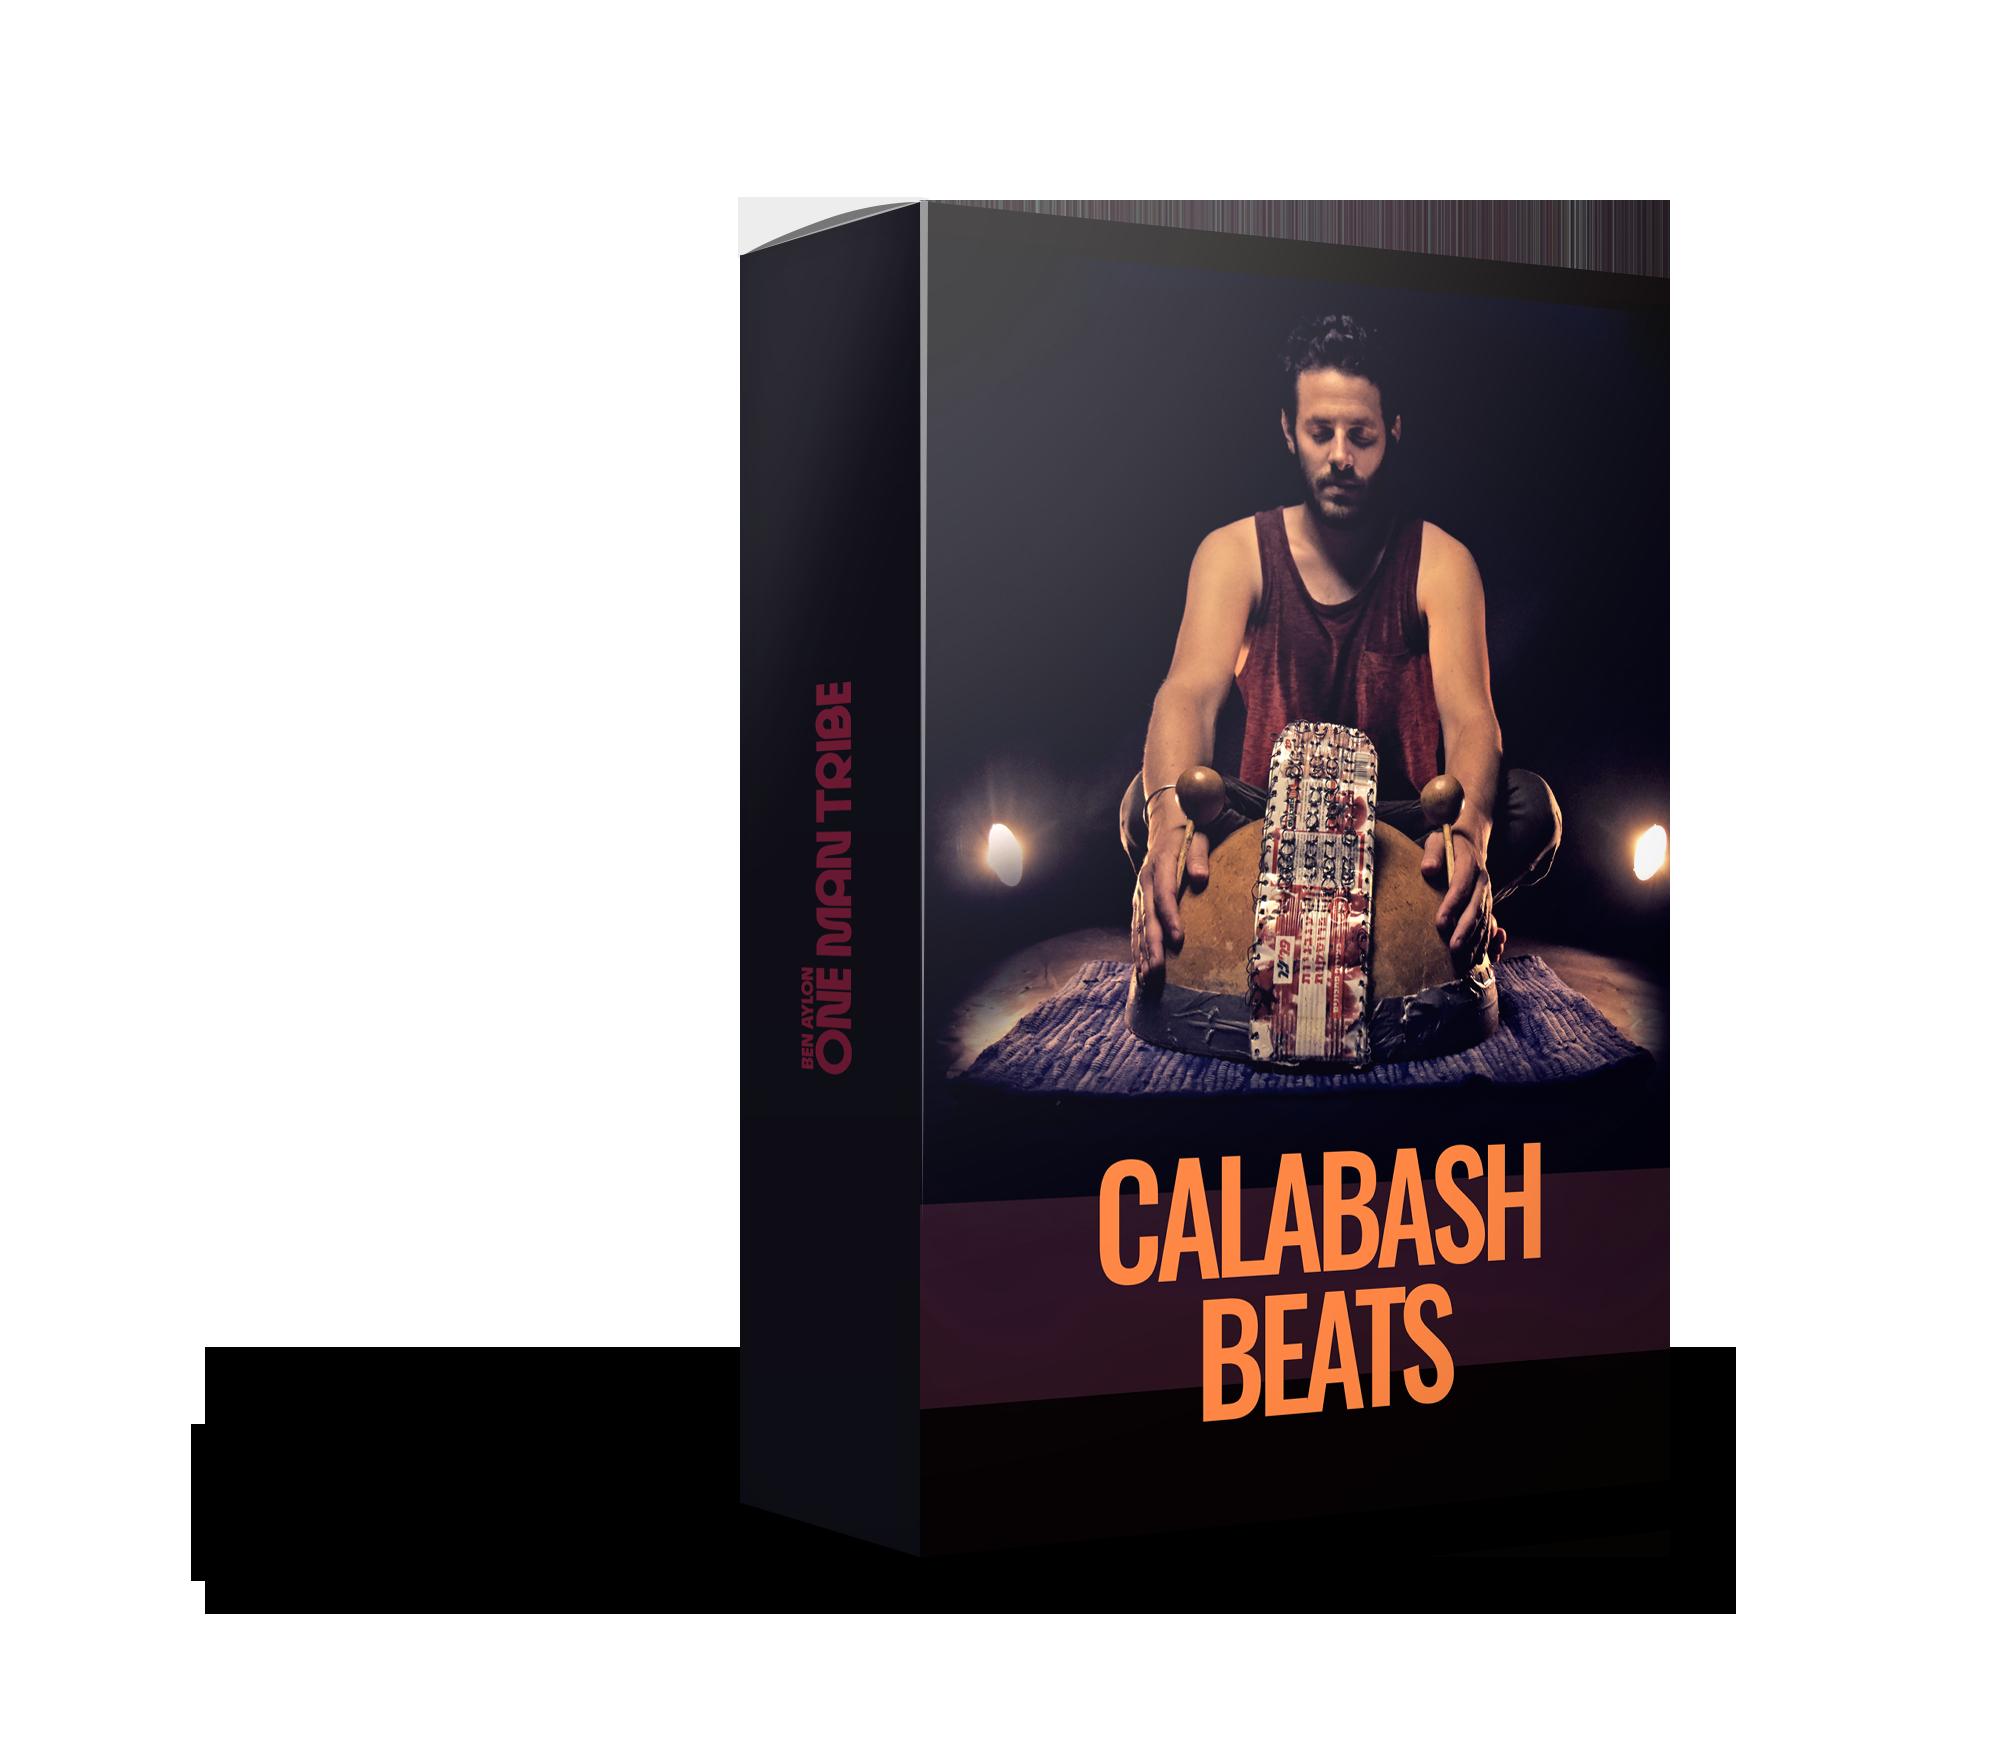 Calabash Beats